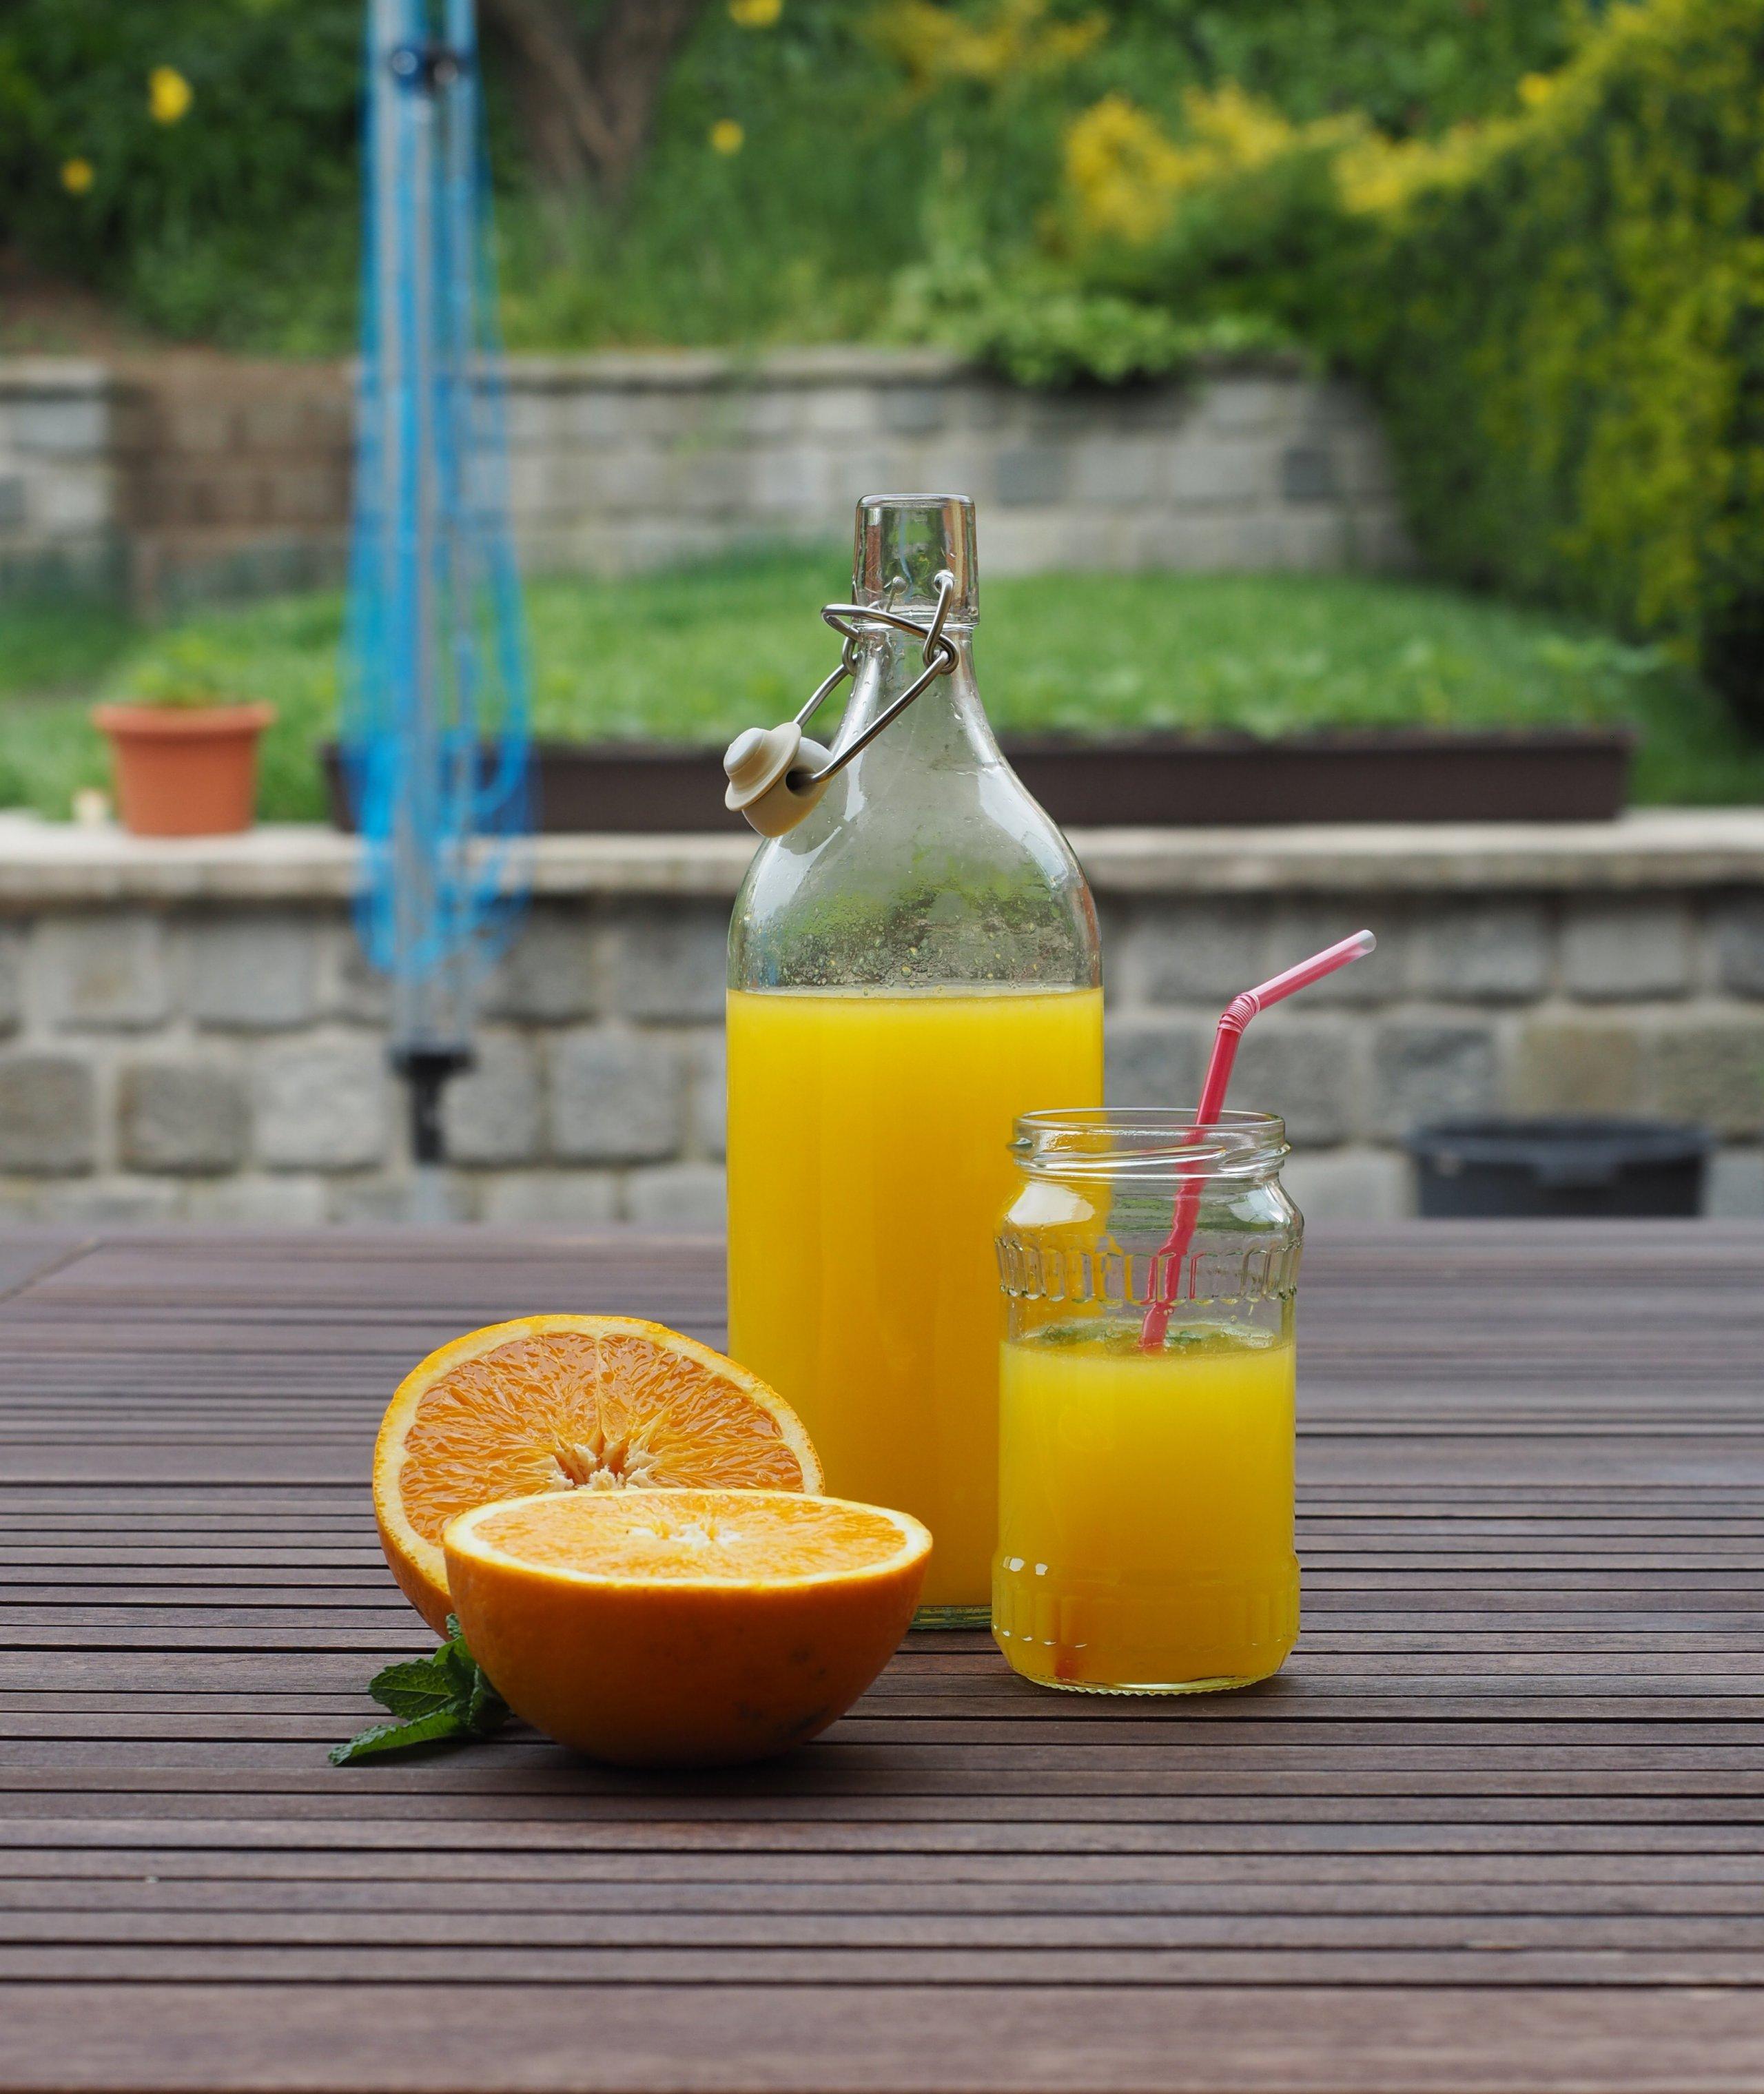 Když se podíváte na složení i těch nejdražších pomerančových džusů na pultech našich běžných obchodů, mnohdy nevíte, co se vlastně chystáte vypít. Když si takový pomerančový nápoj připravíte doma sami, žádné nemilé překvapení vás nečeká. Navíc pro vás máme recept, který je snadný, zdravý a doslova za pár korun!